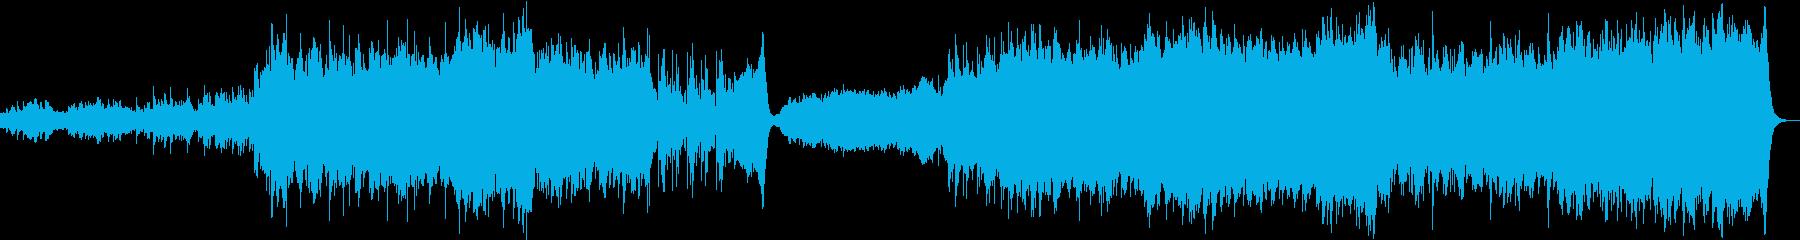 戦国の戦、壮大なシーンの曲の再生済みの波形